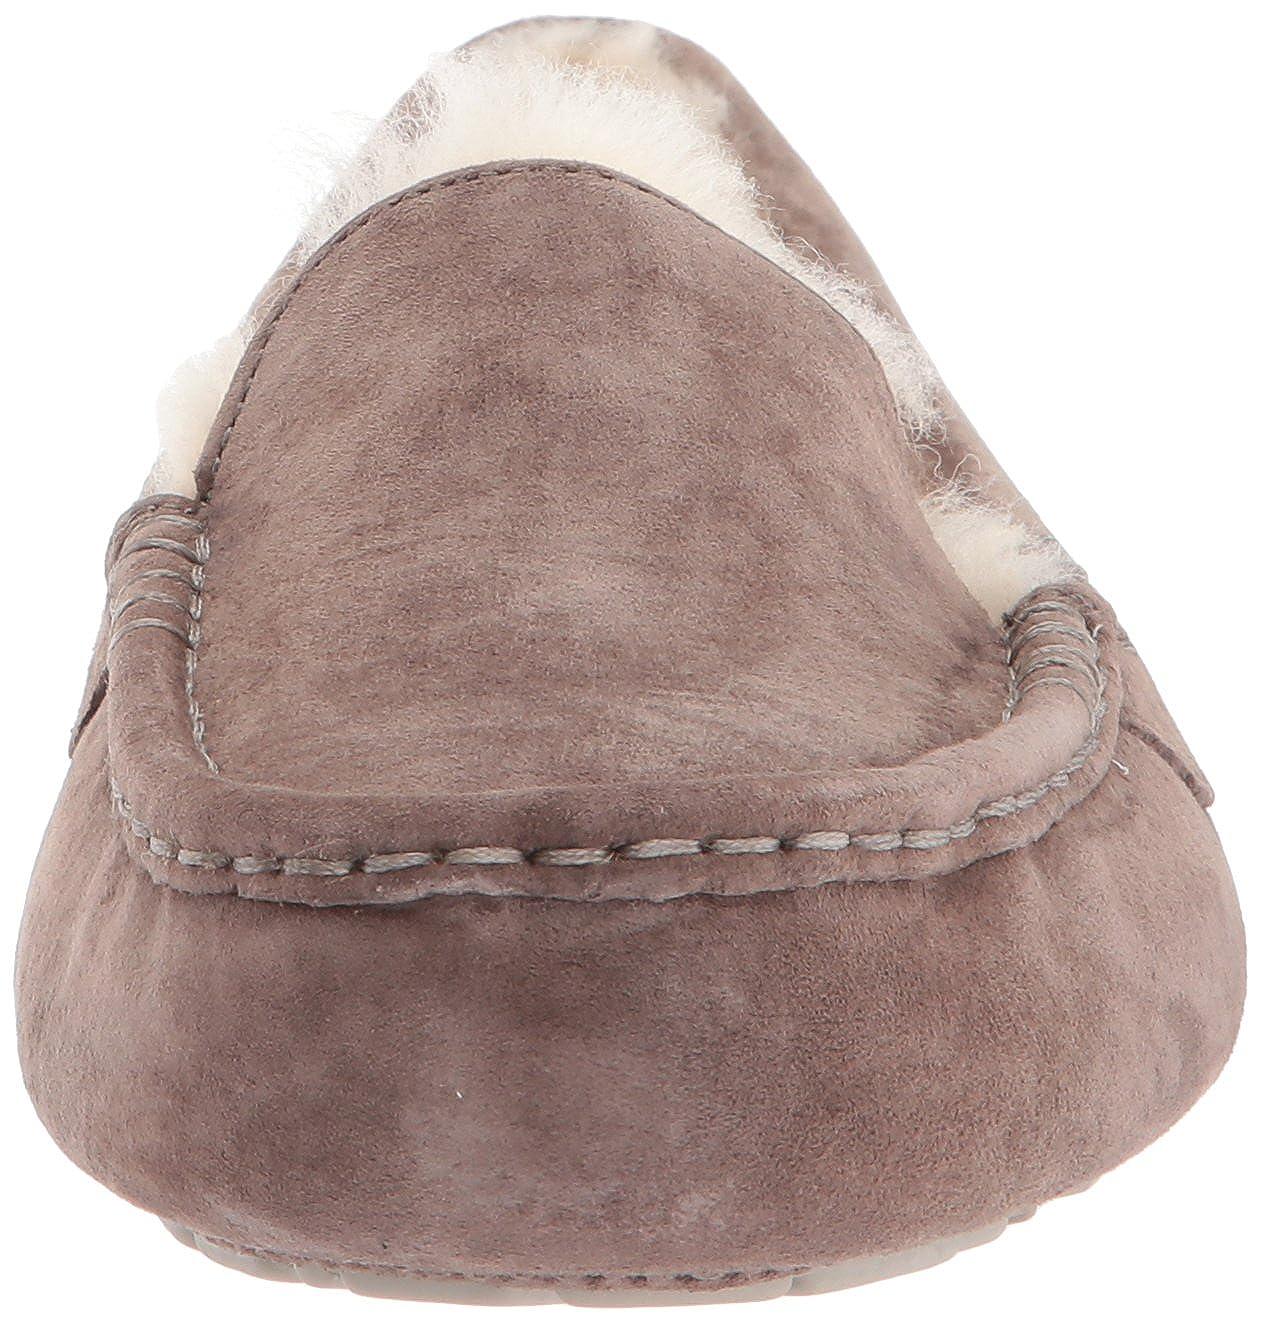 Ugg Australia Mujeres Scalloped Mocasines, Talla: Amazon.es: Zapatos y complementos